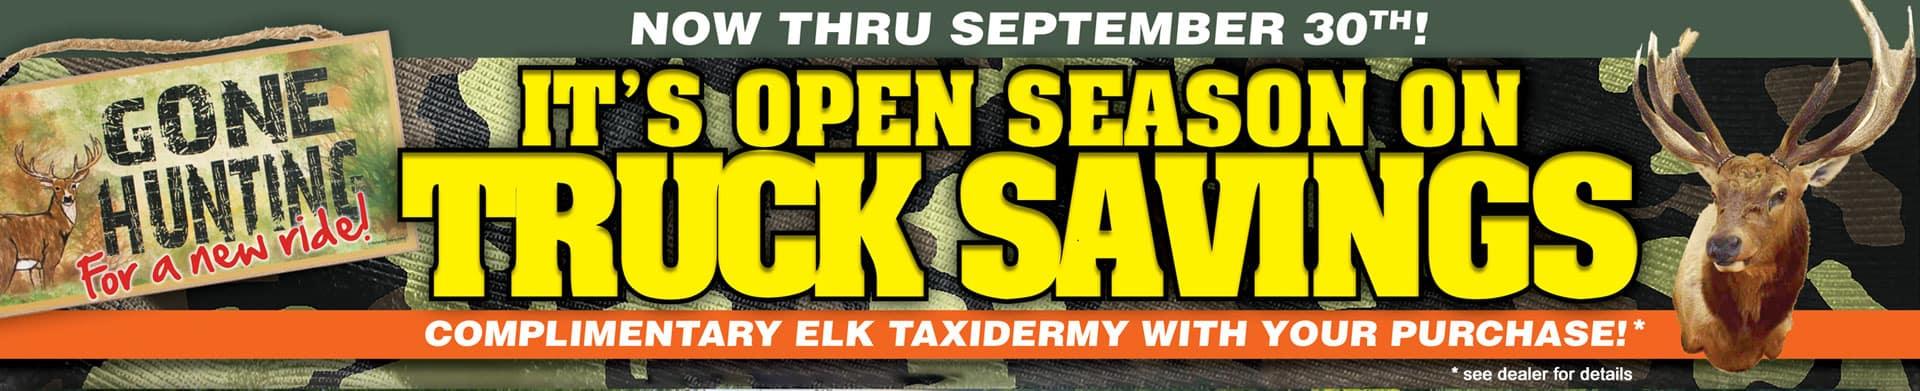 free elk taxidermy